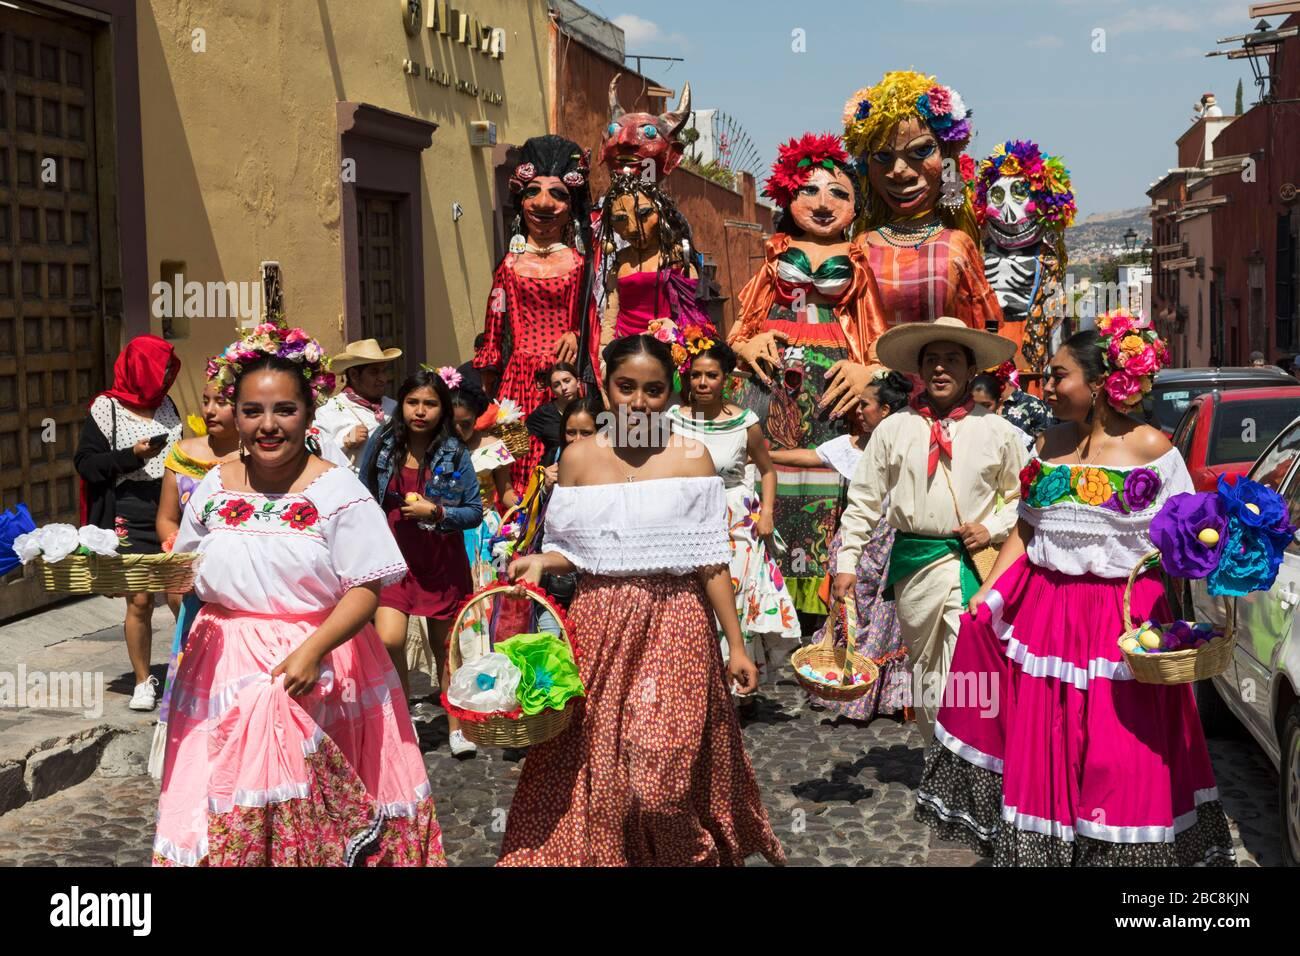 Mexiko, Guanajuato State, San Miguel de Allende, 'Desfile de Gigantes', Mojigangas, wie sie formal genannt werden, haben ihren Ursprung in Spanien Stockfoto